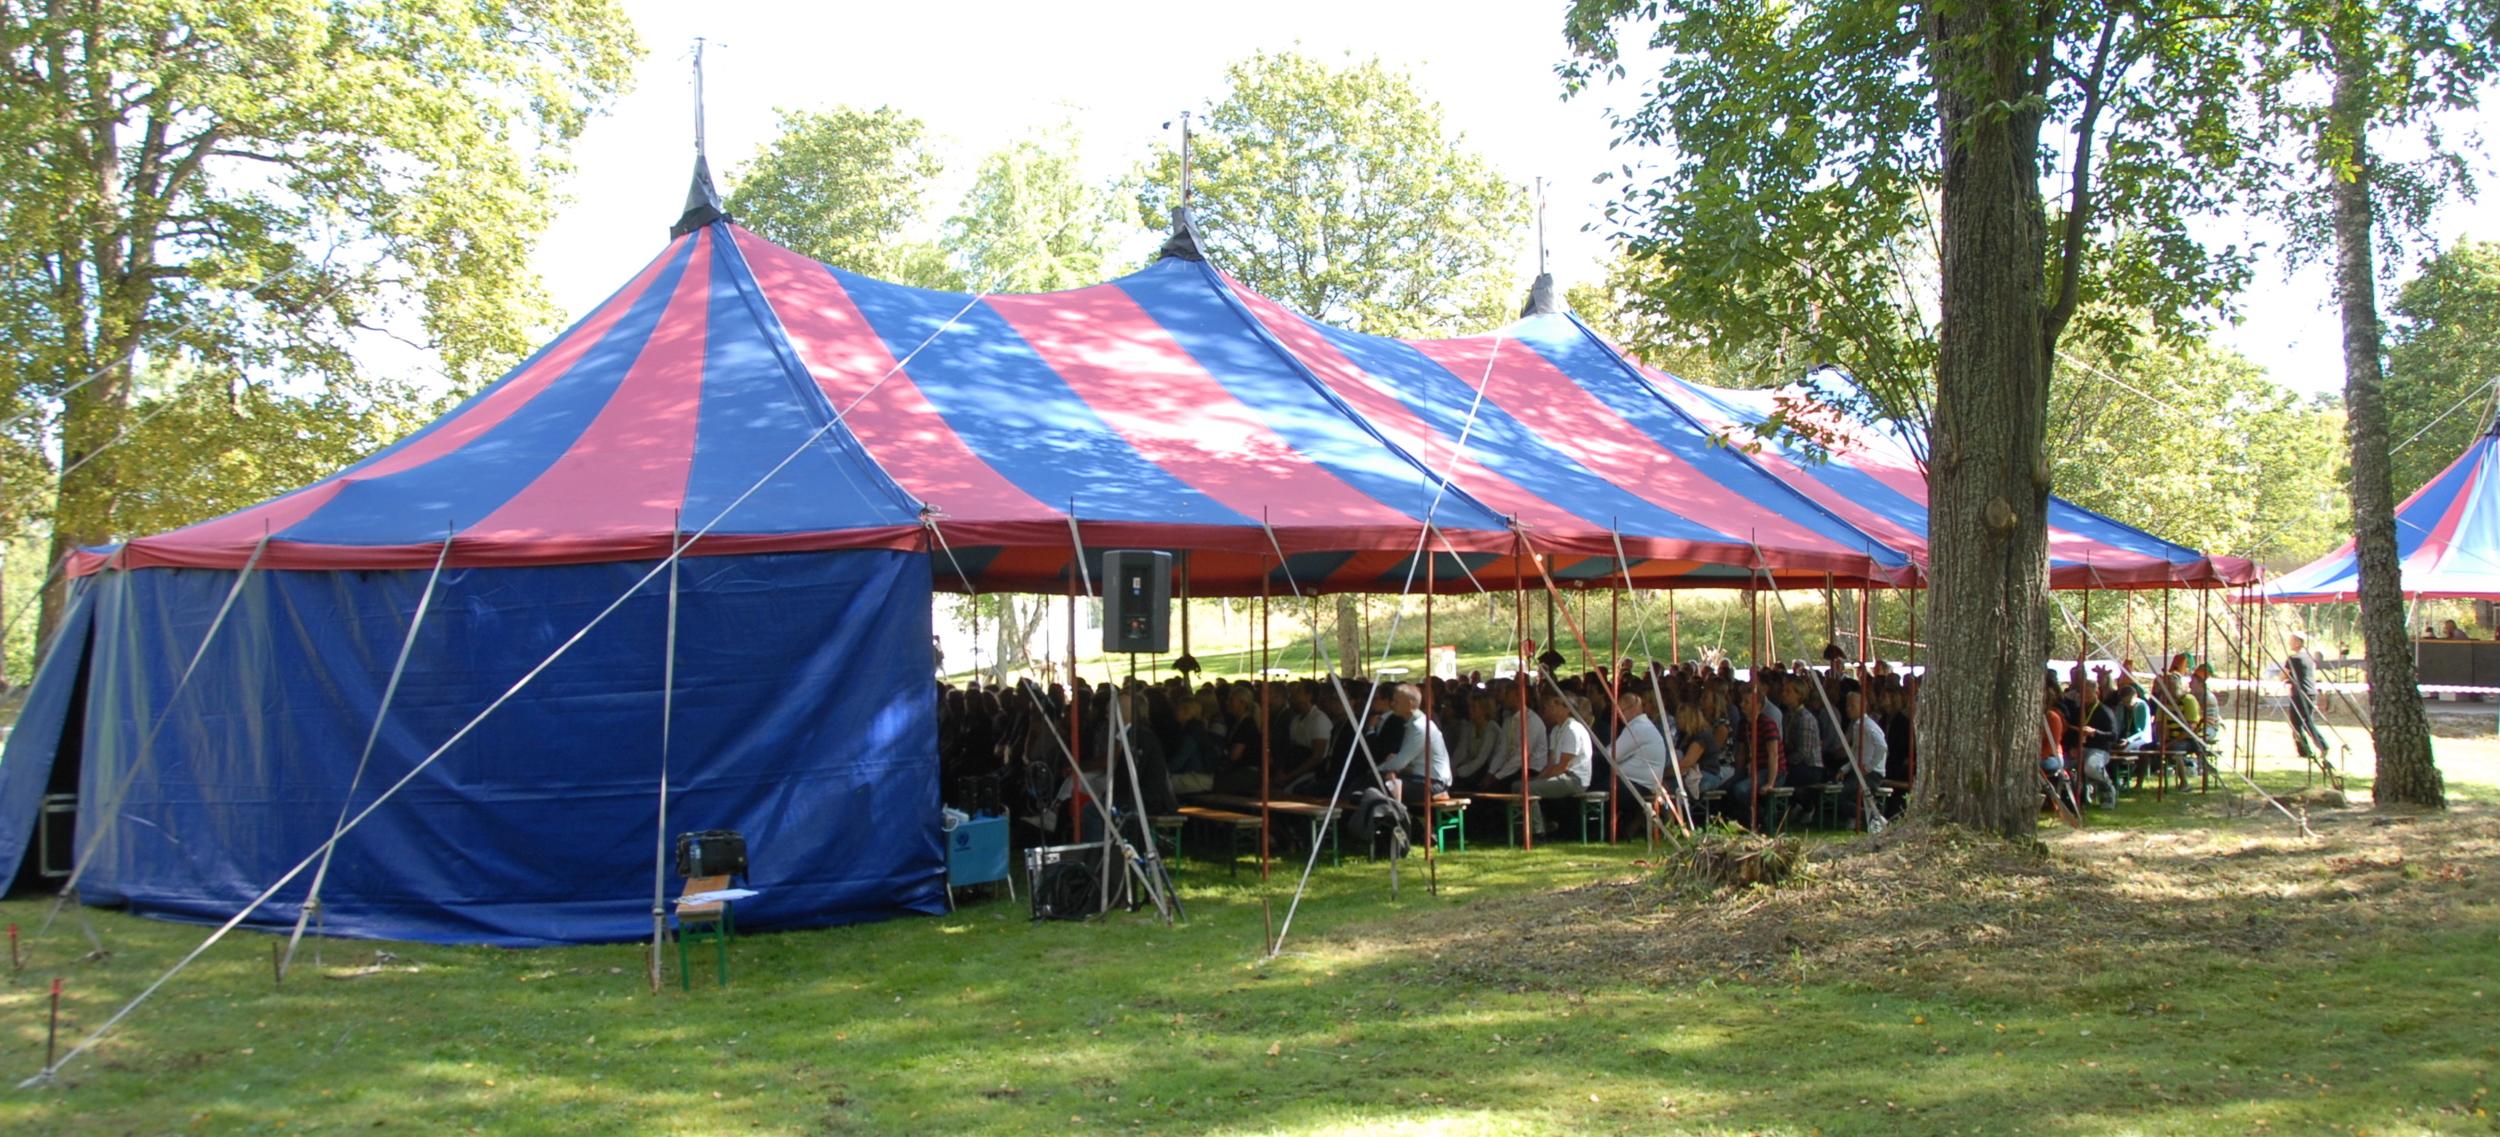 Stora Tältet skuren.jpeg